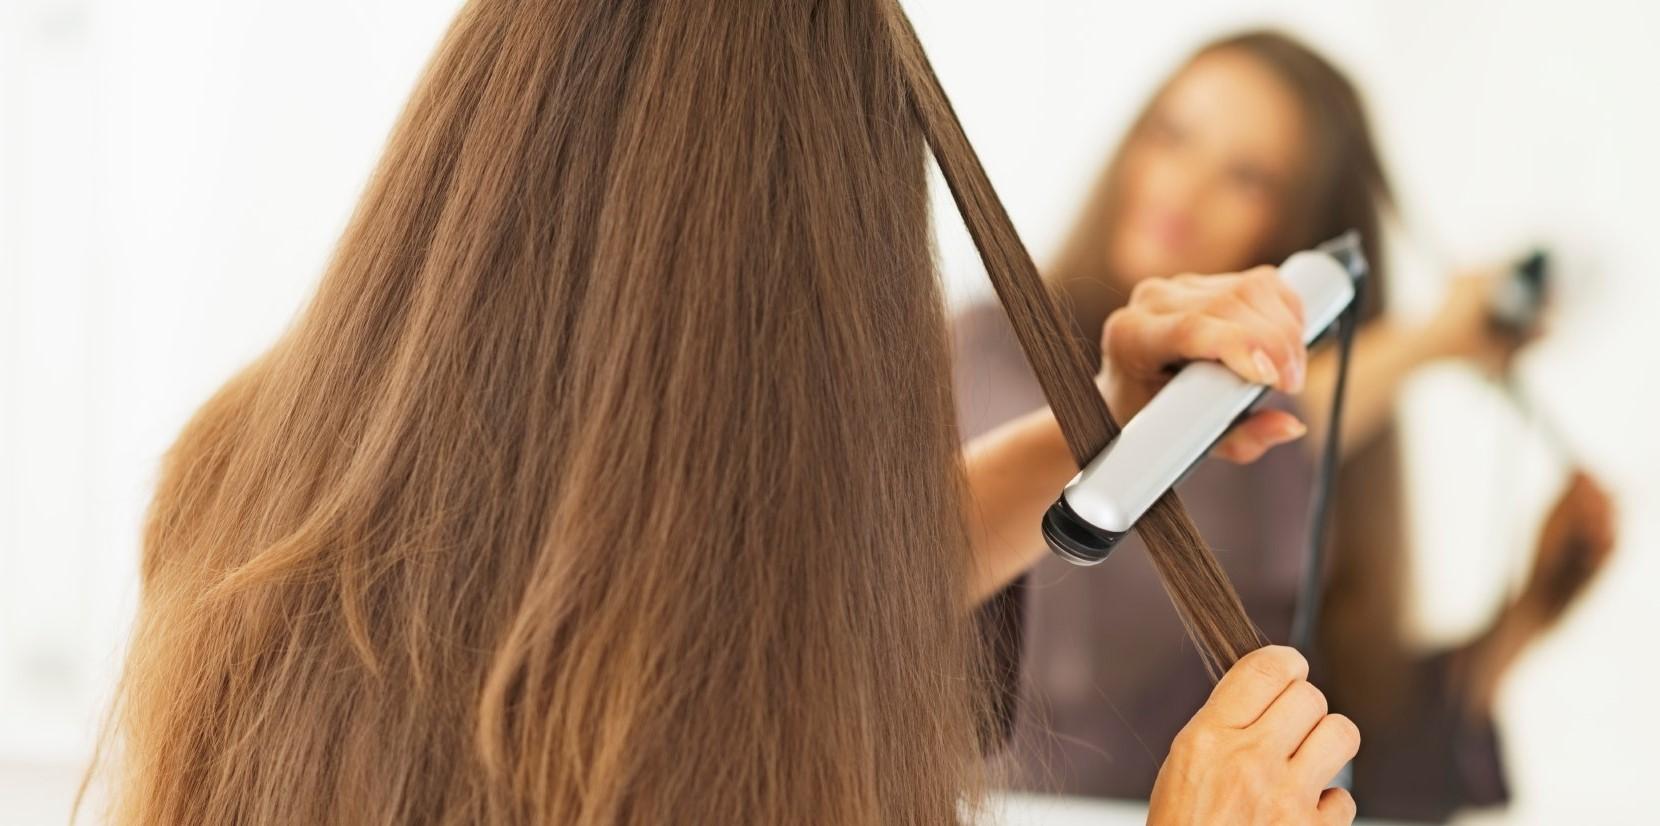 cheveux abimés par le lisseur que faire